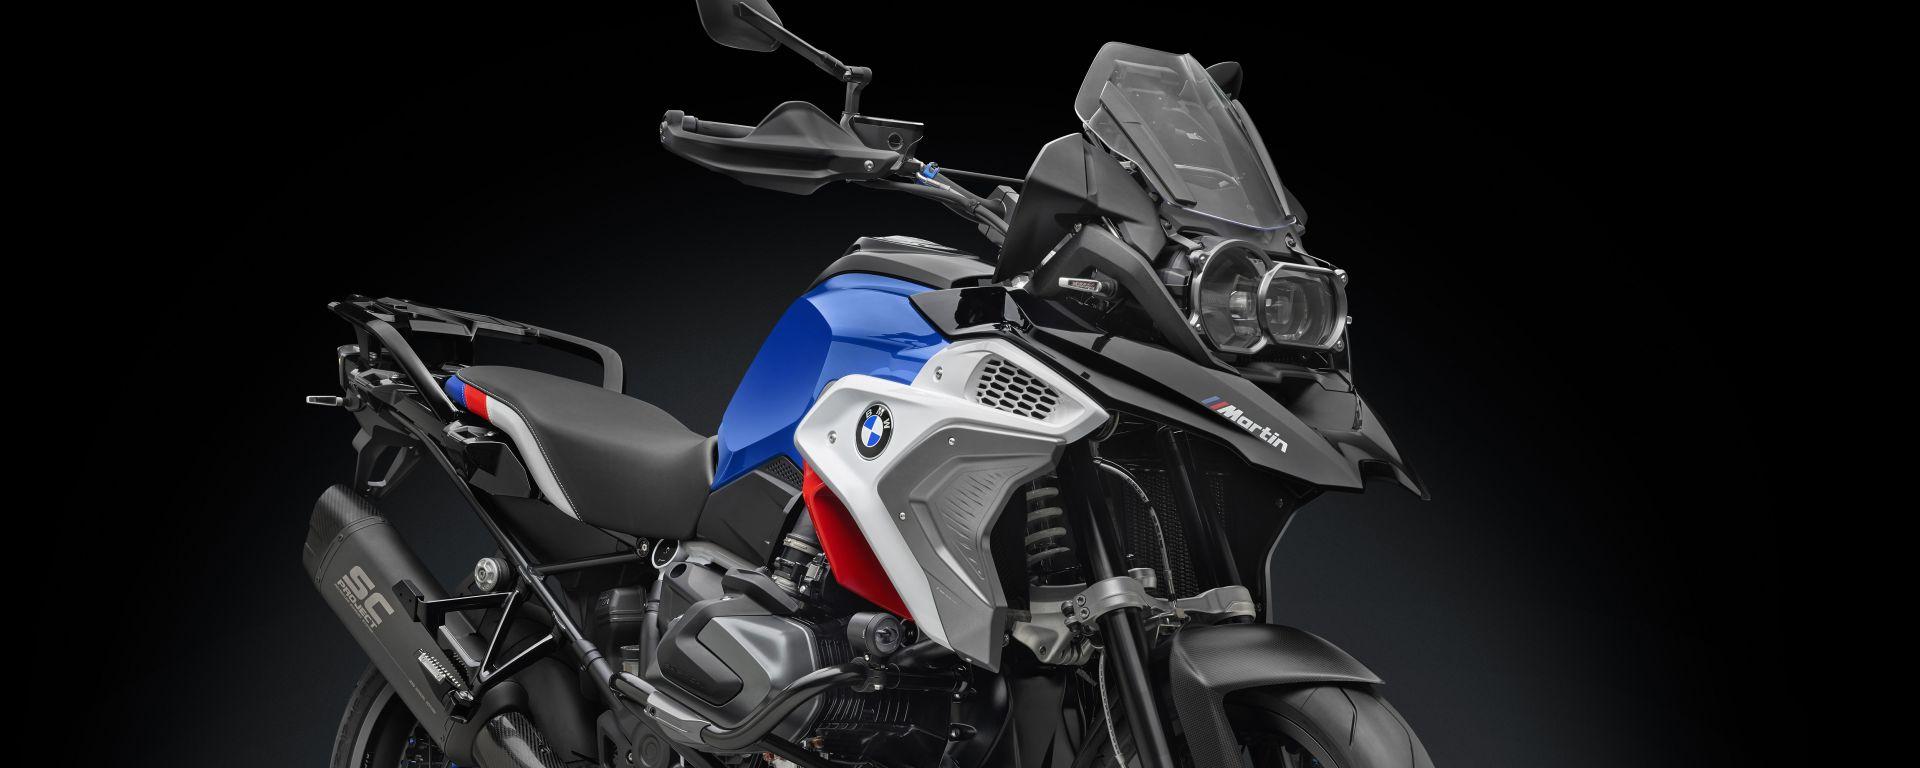 Rizoma: Accessory Line per BMW R 1250 GS HP  [VIDEO]